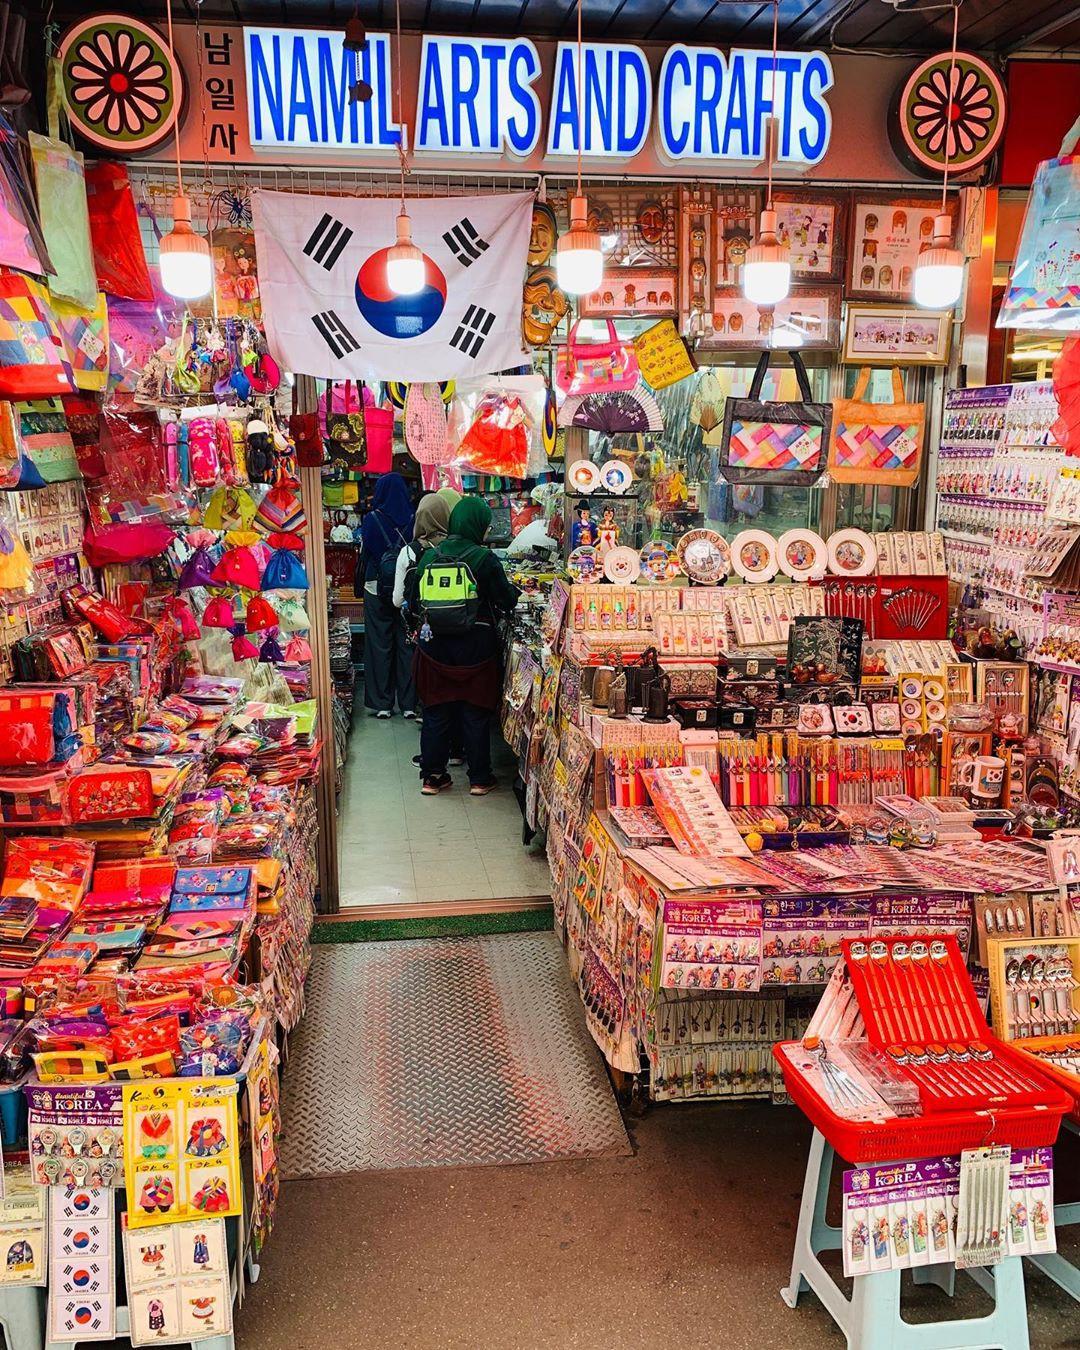 Ăn chơi phủ phê tại 4 khu chợ nổi tiếng nhất Hàn Quốc - Ảnh 12.